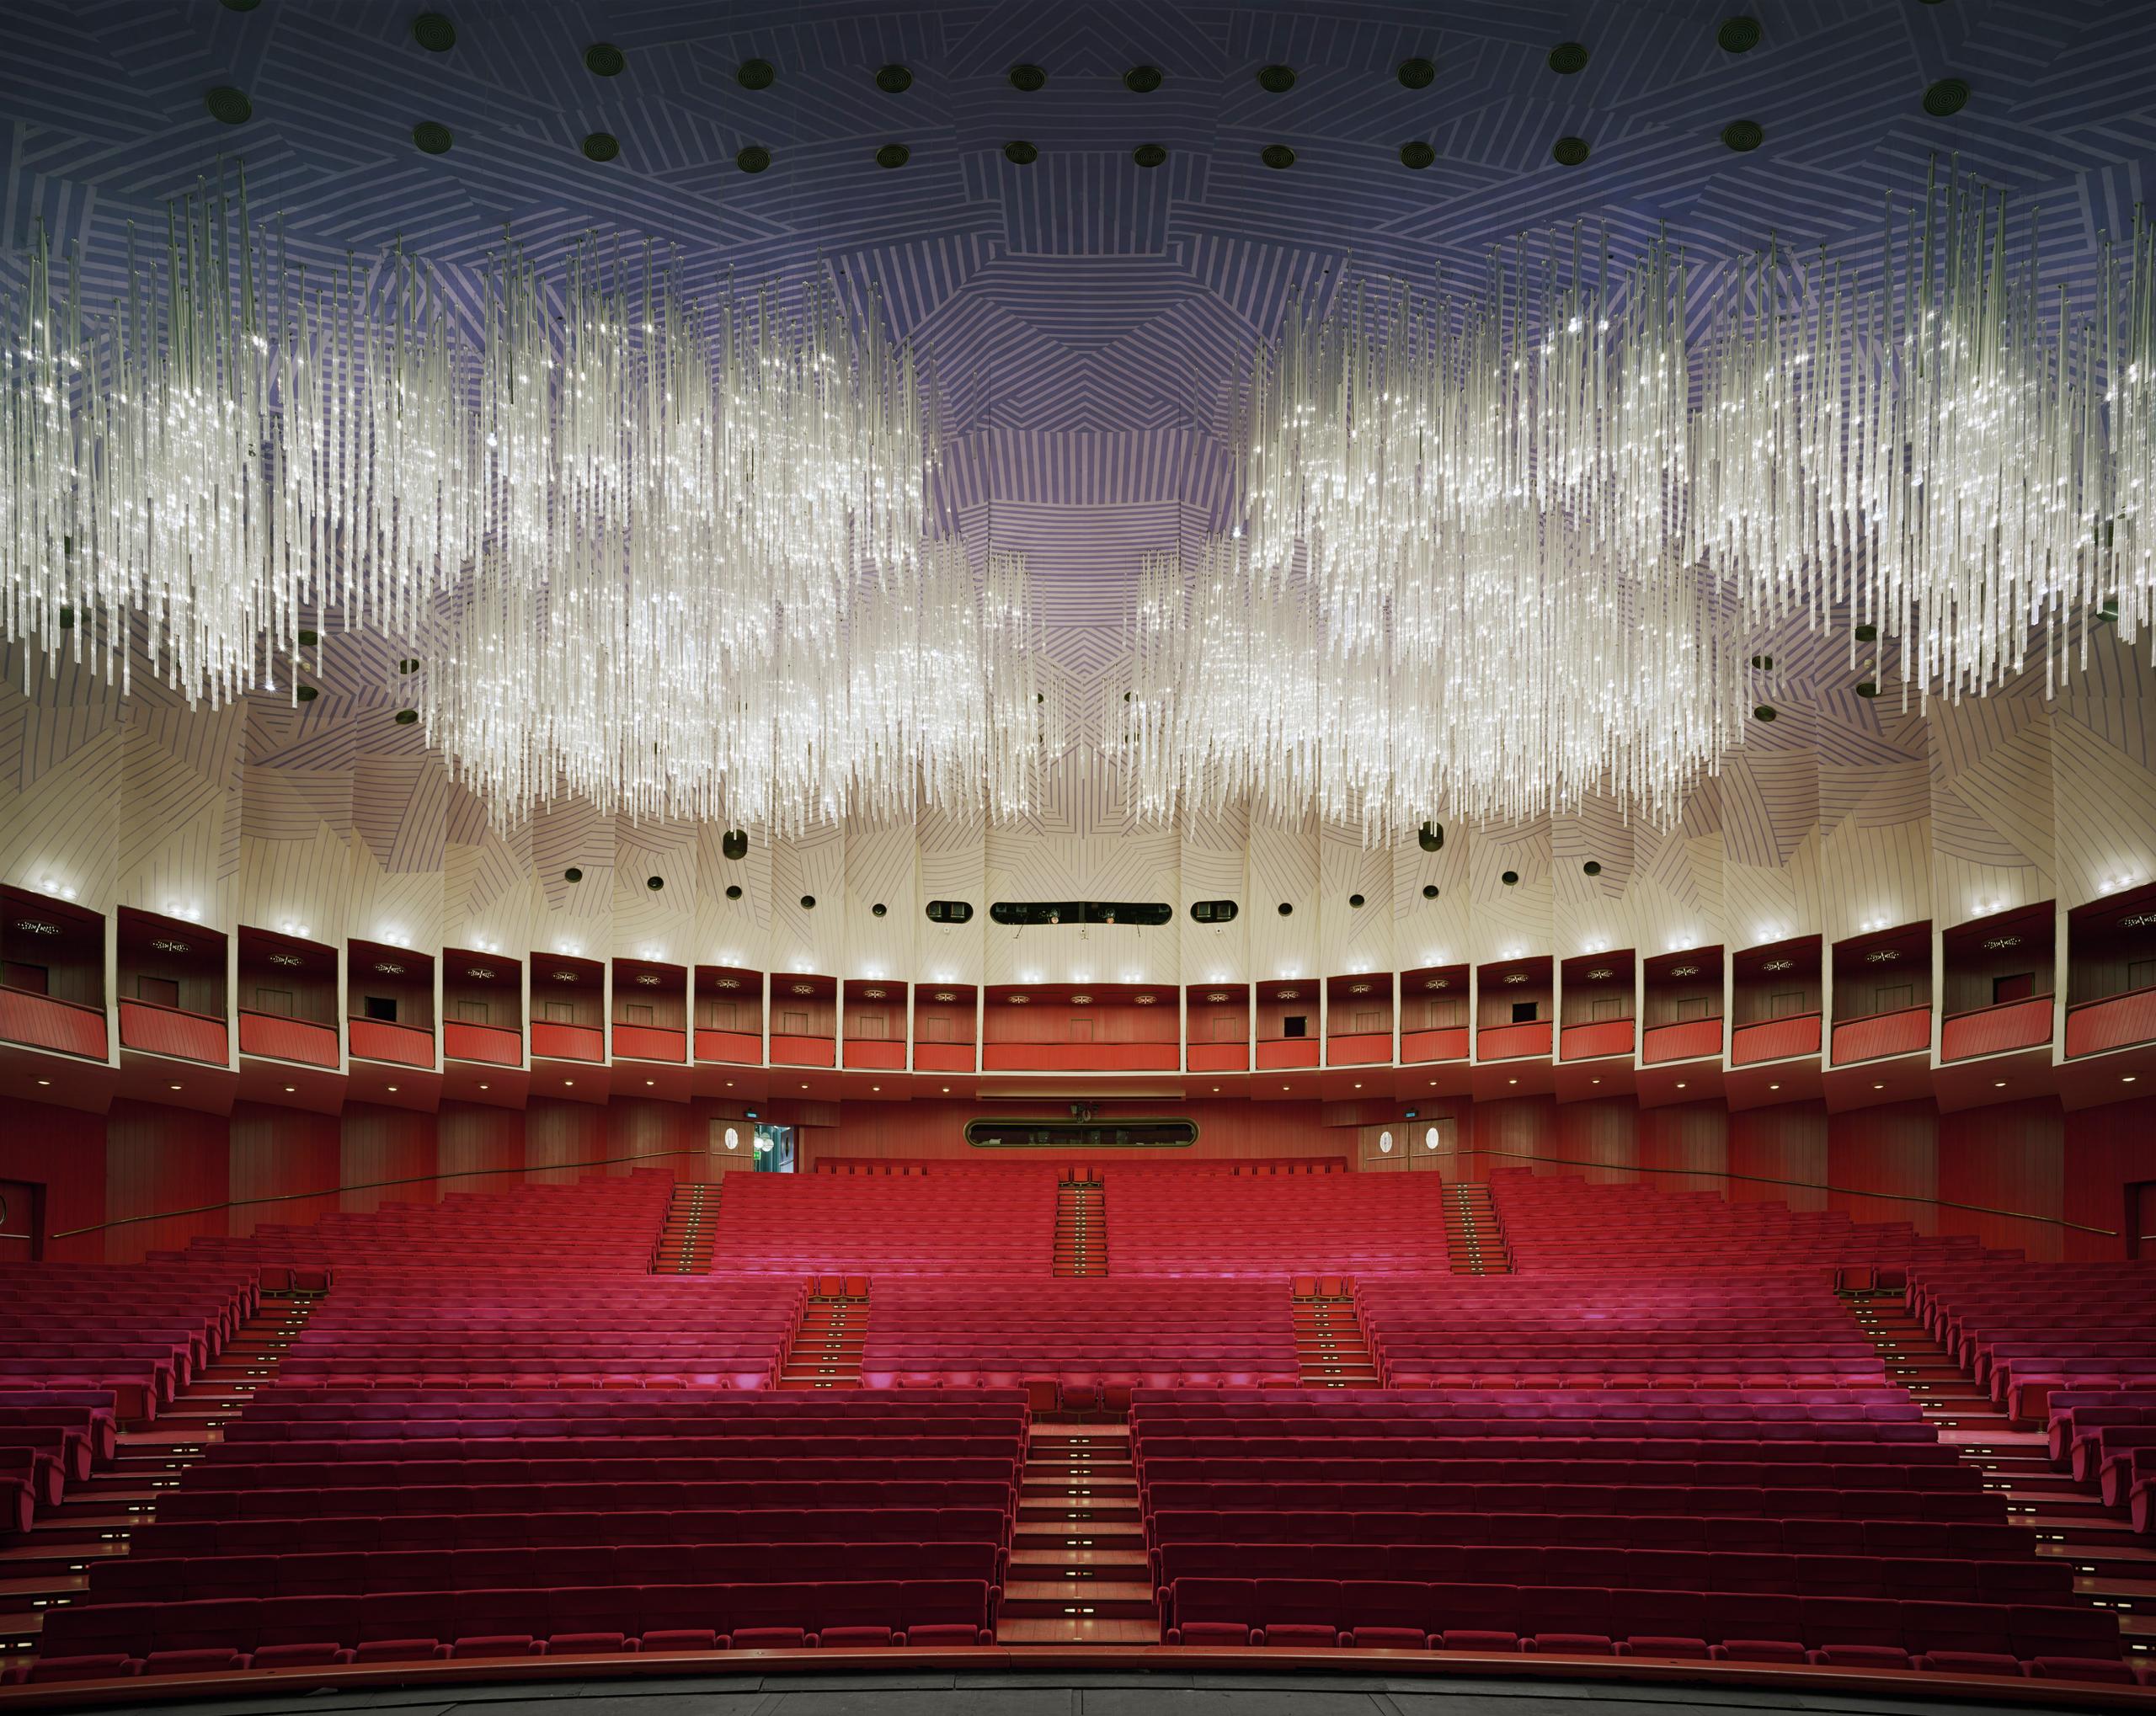 Teatro Regio Turin, Italy, 2010